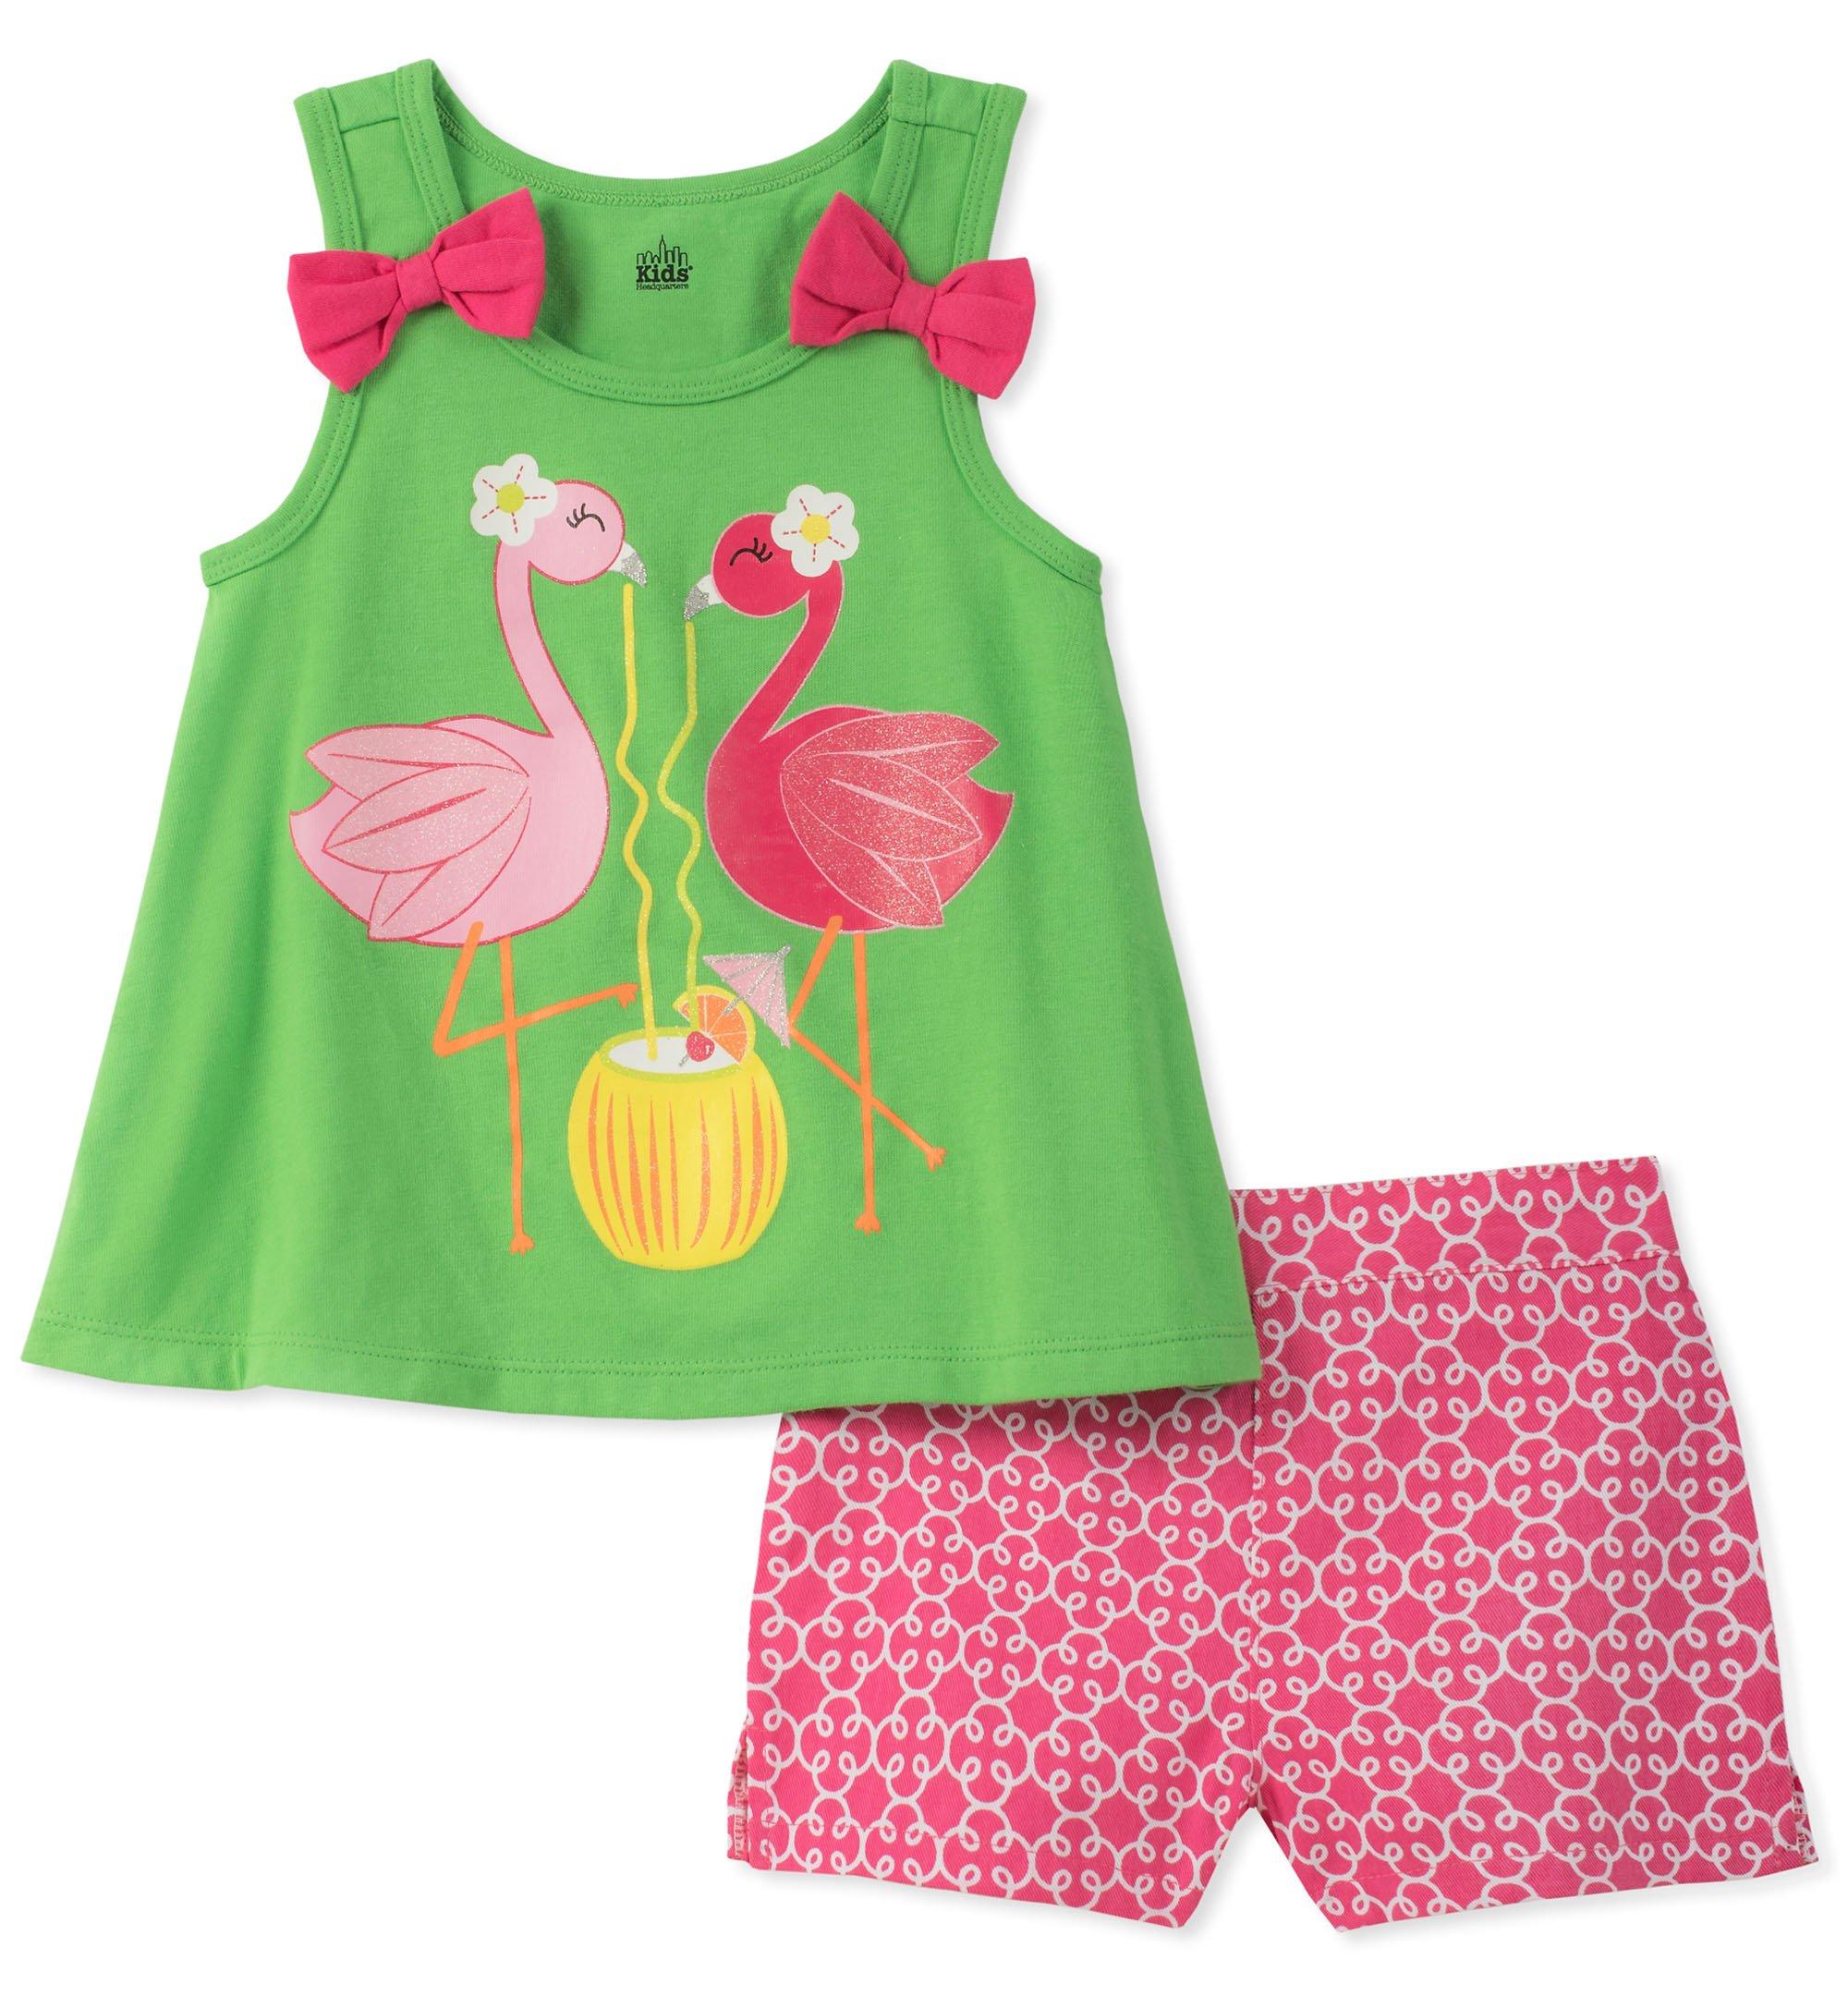 Kids Headquarters Little Girls' 2 Pieces Shorts Set, Green, 4